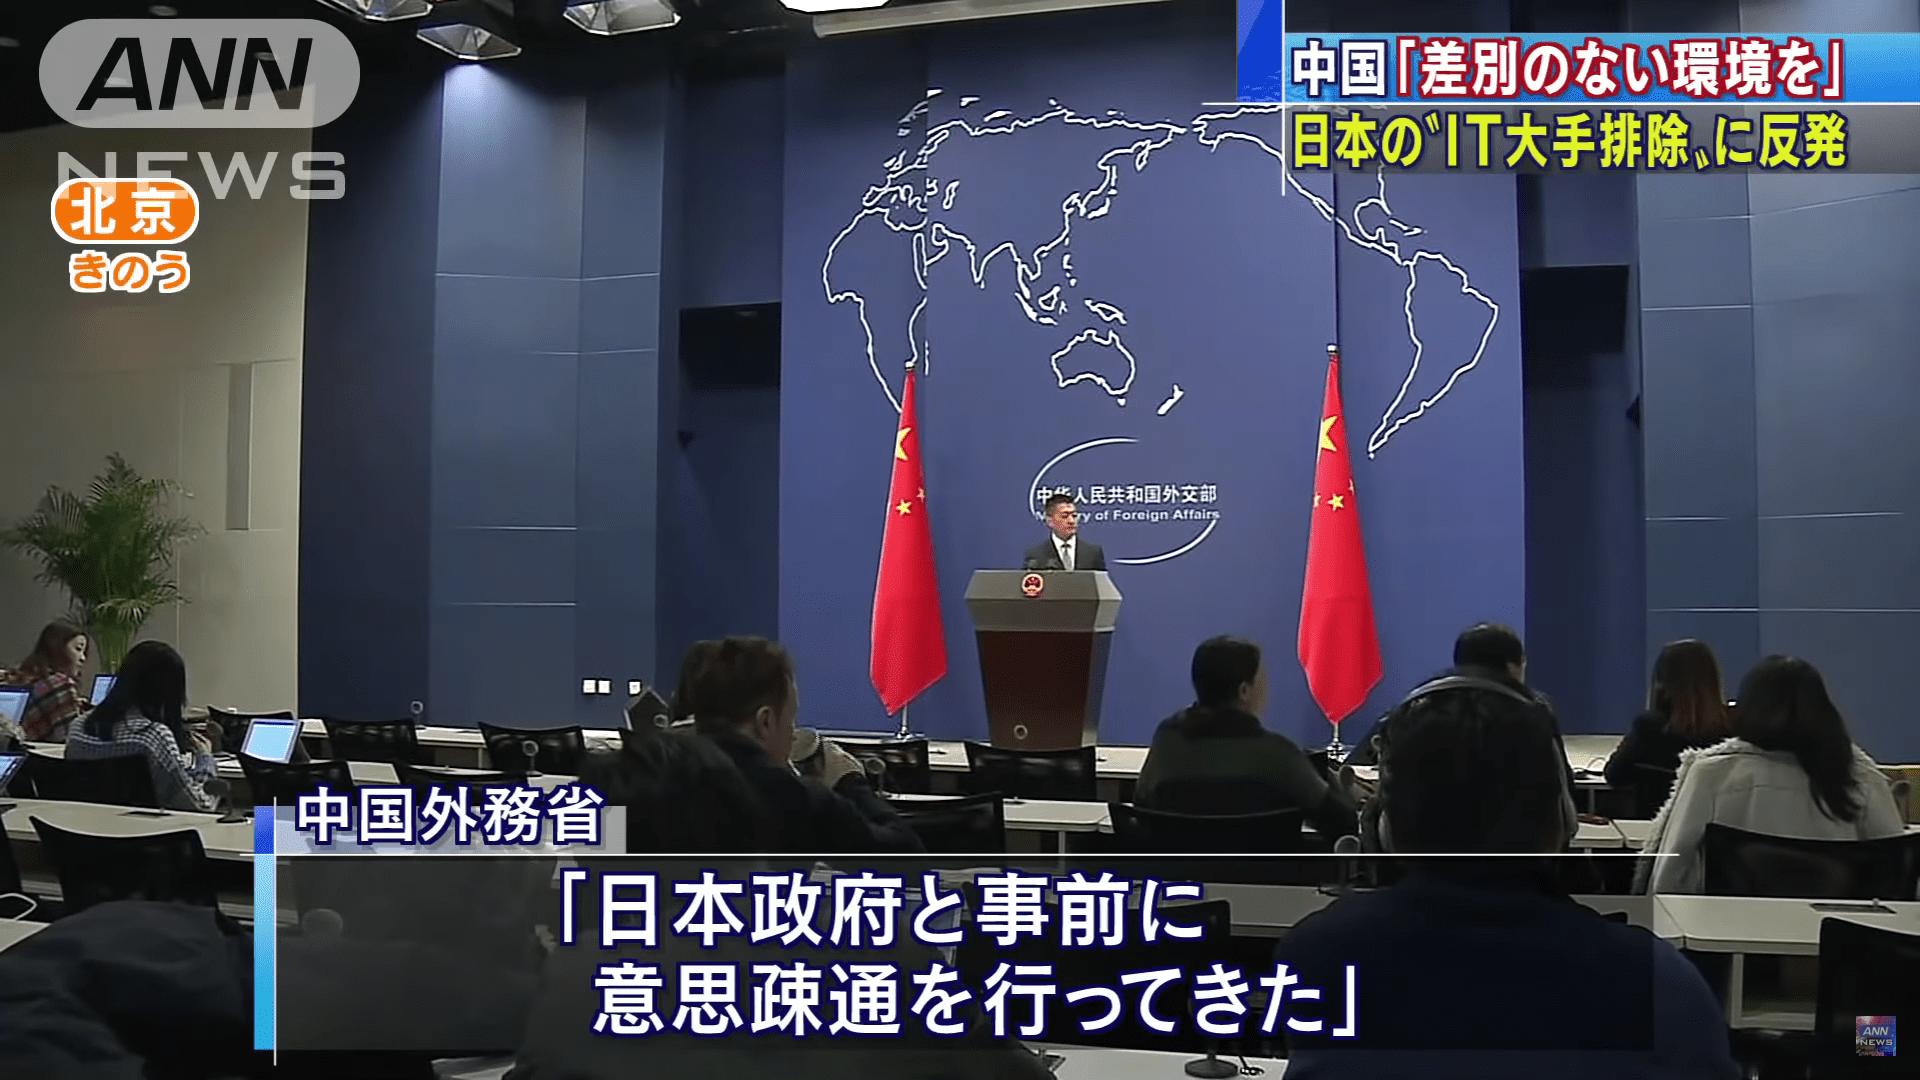 中国政府「日本のファーウェイ排除は差別だ!!!」←ファー ...